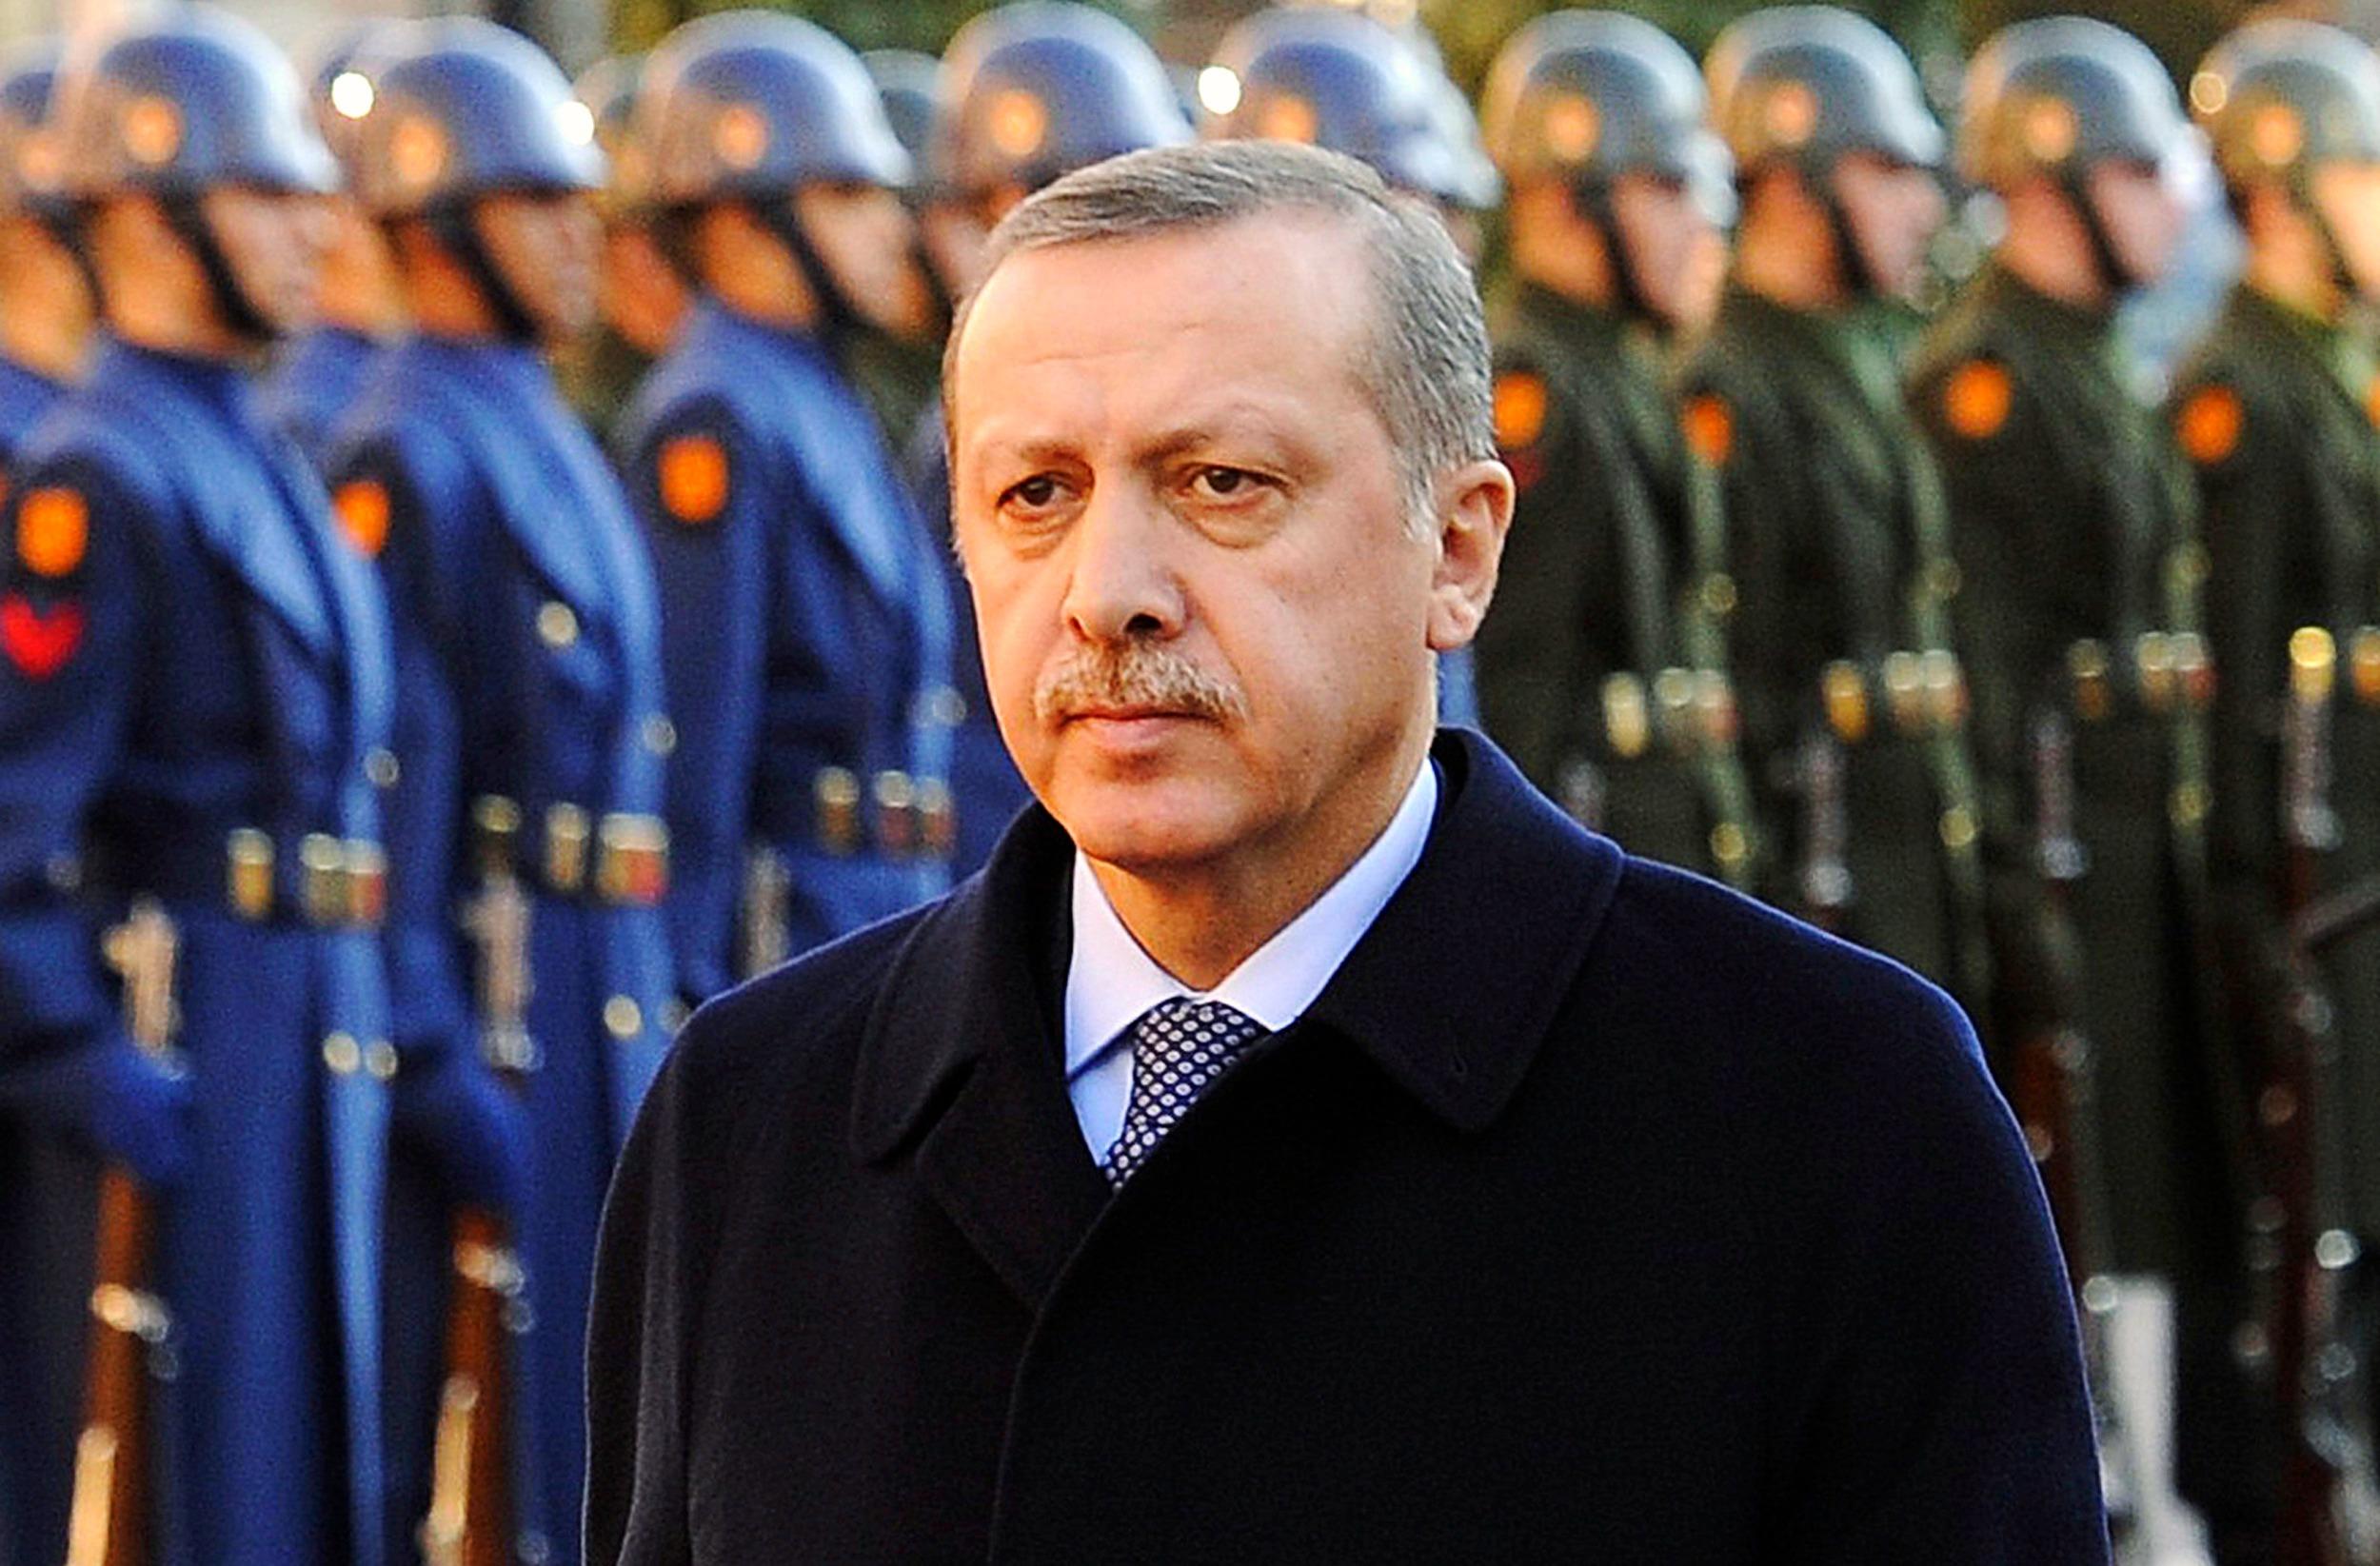 صورة تركيا ترحب بعمل عسكري ضد الأسد وتعلن استعدادها